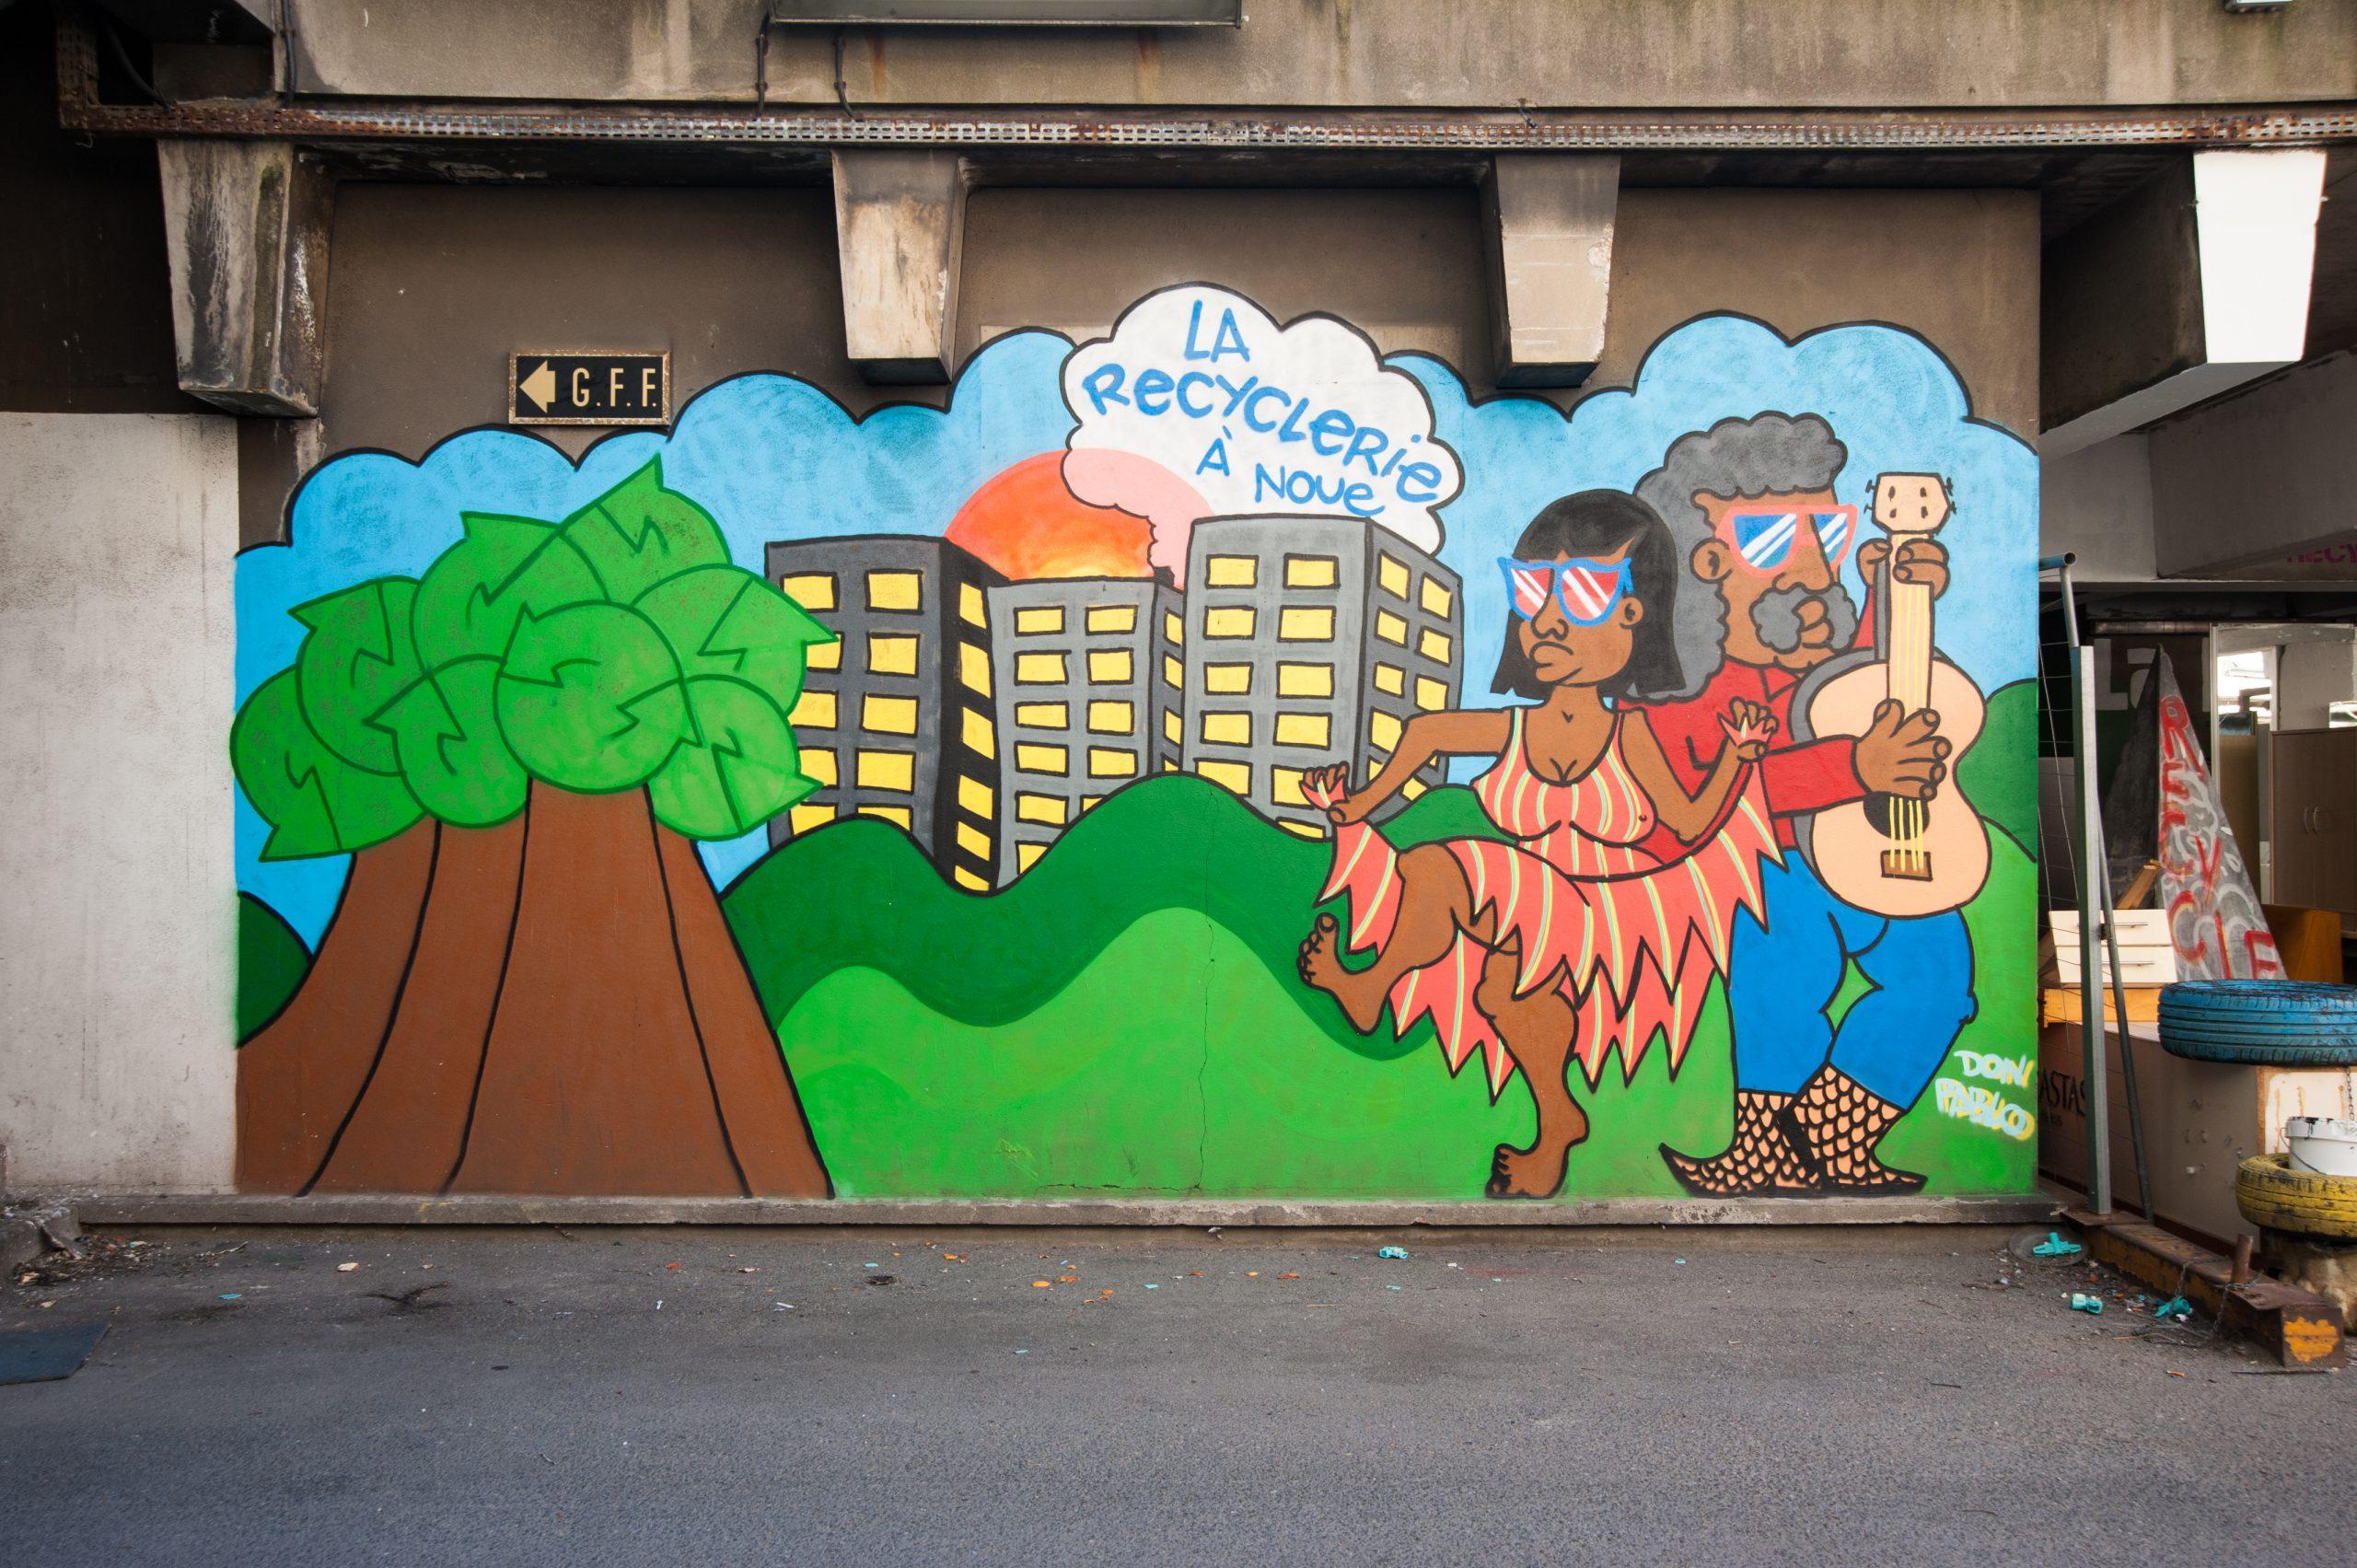 Projet STREET ART - la Recyclerie de La Noue à Bagnolet